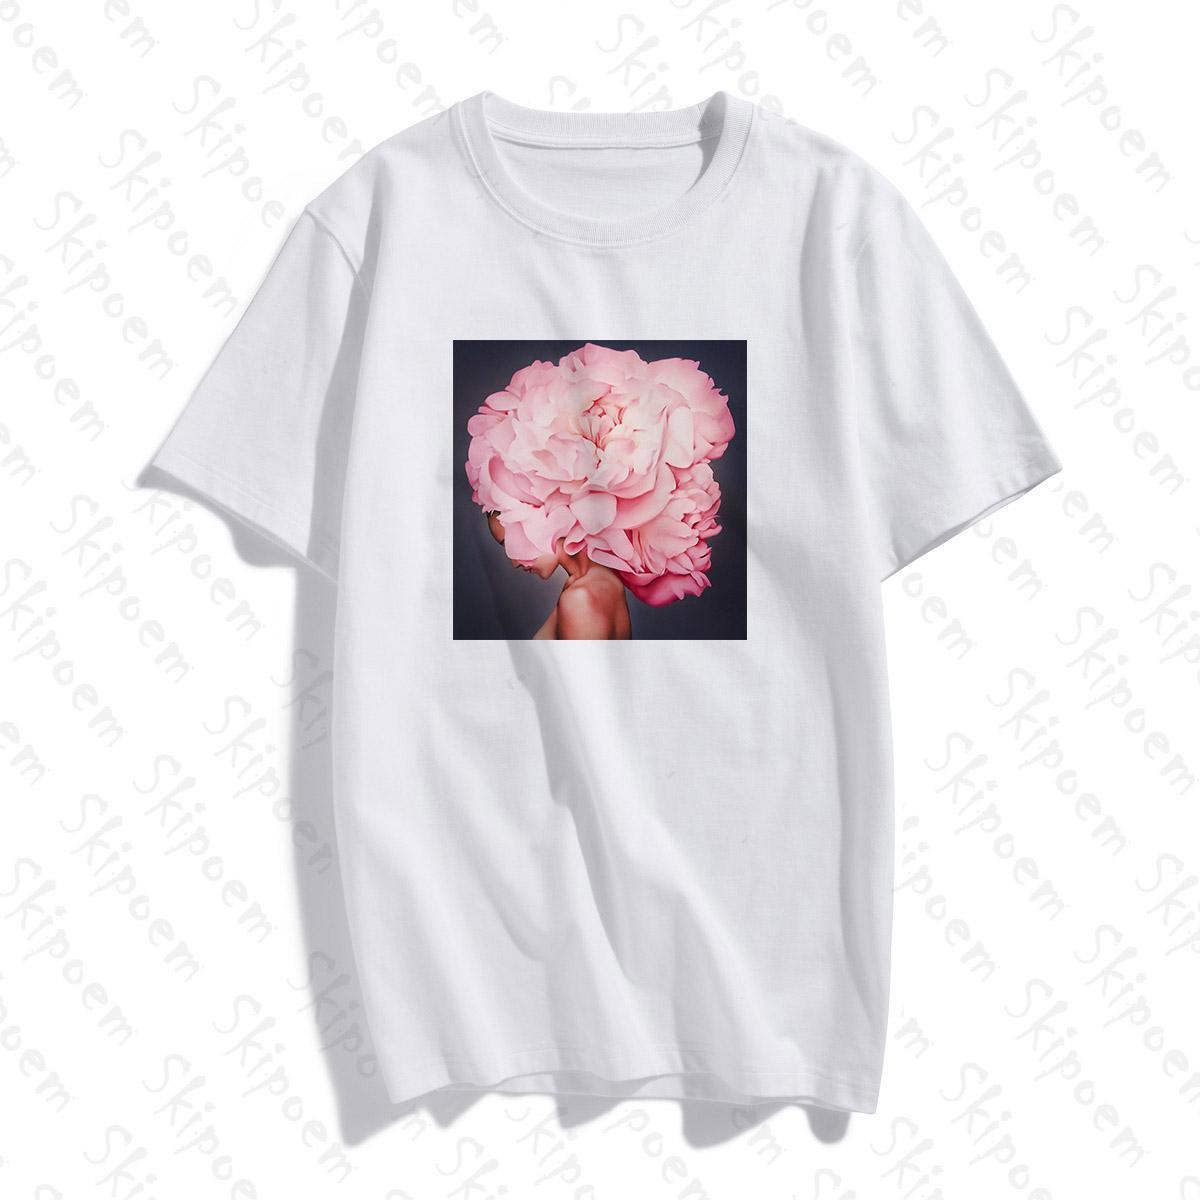 Фотография Art Fashion Sexy Flower Ar футболки Женщины Корейский Стиль Harajuku Punk Tumblr хлопок плюс размер с коротким рукавом Top тройники